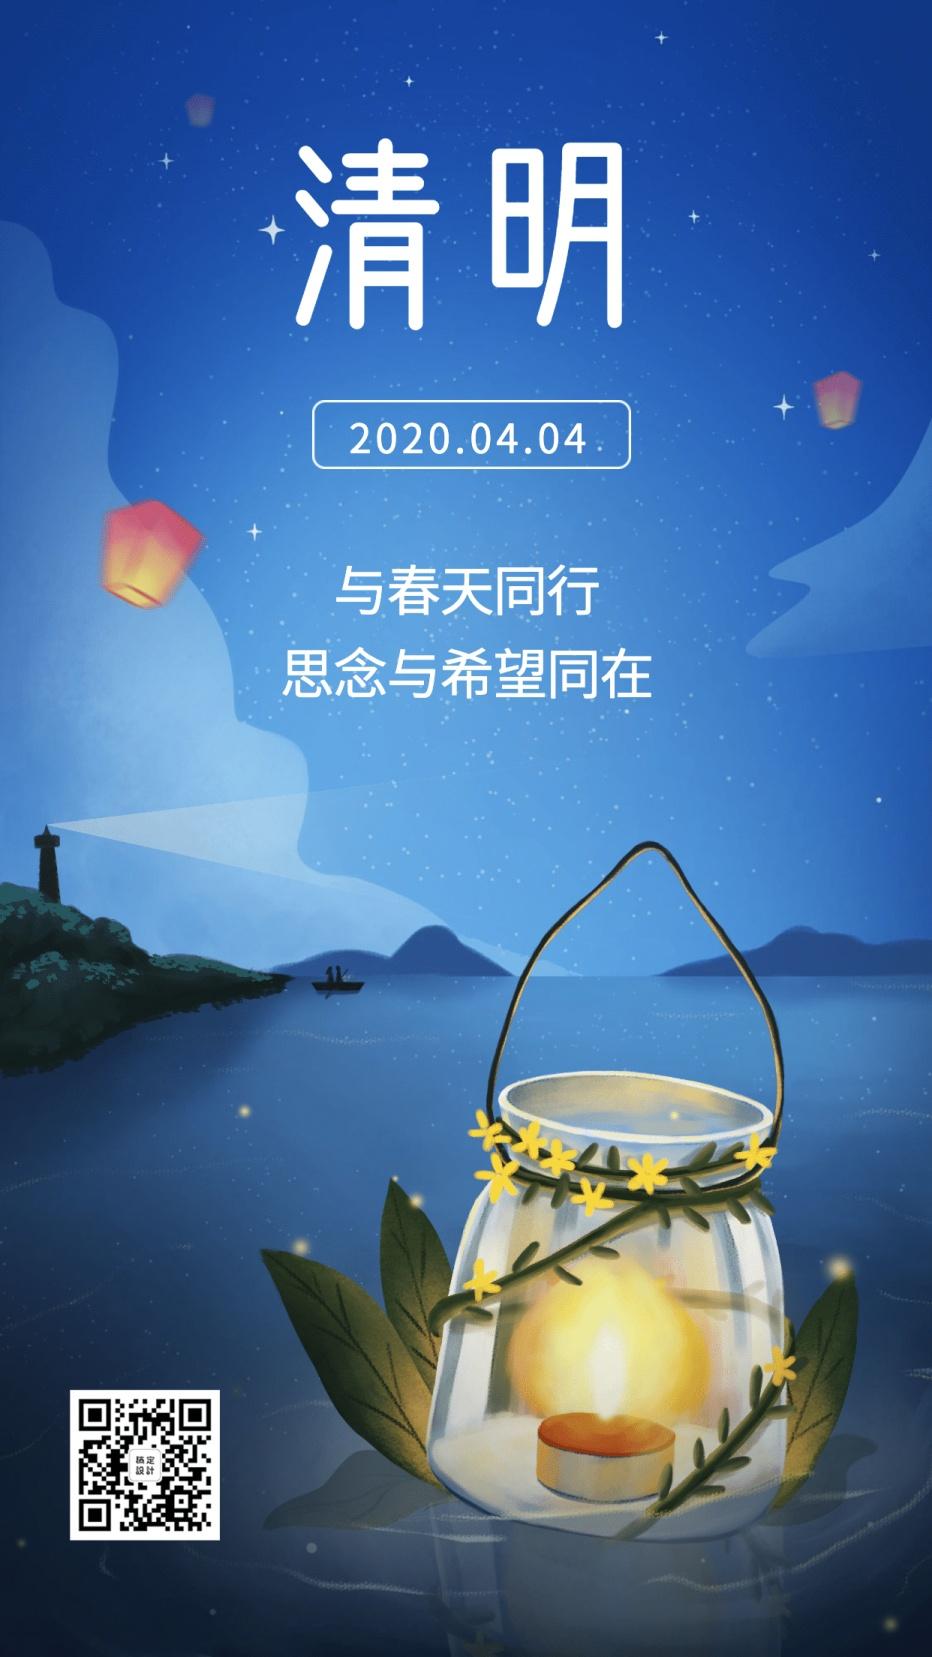 清明节祈福缅怀插画手机海报